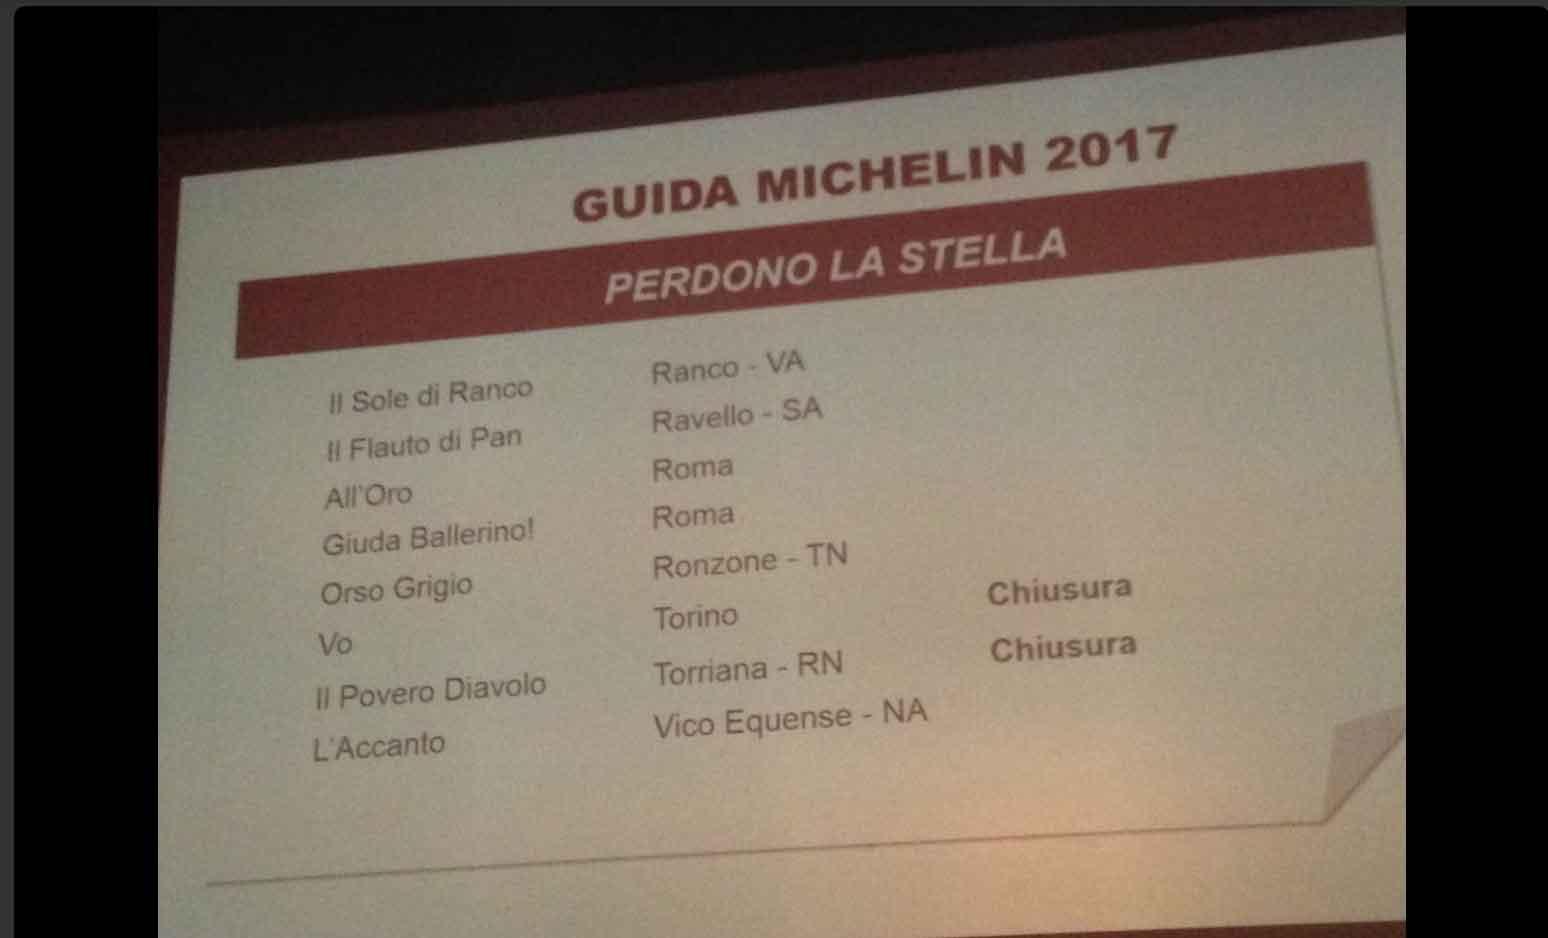 stelle-perse-michelin-2017-1